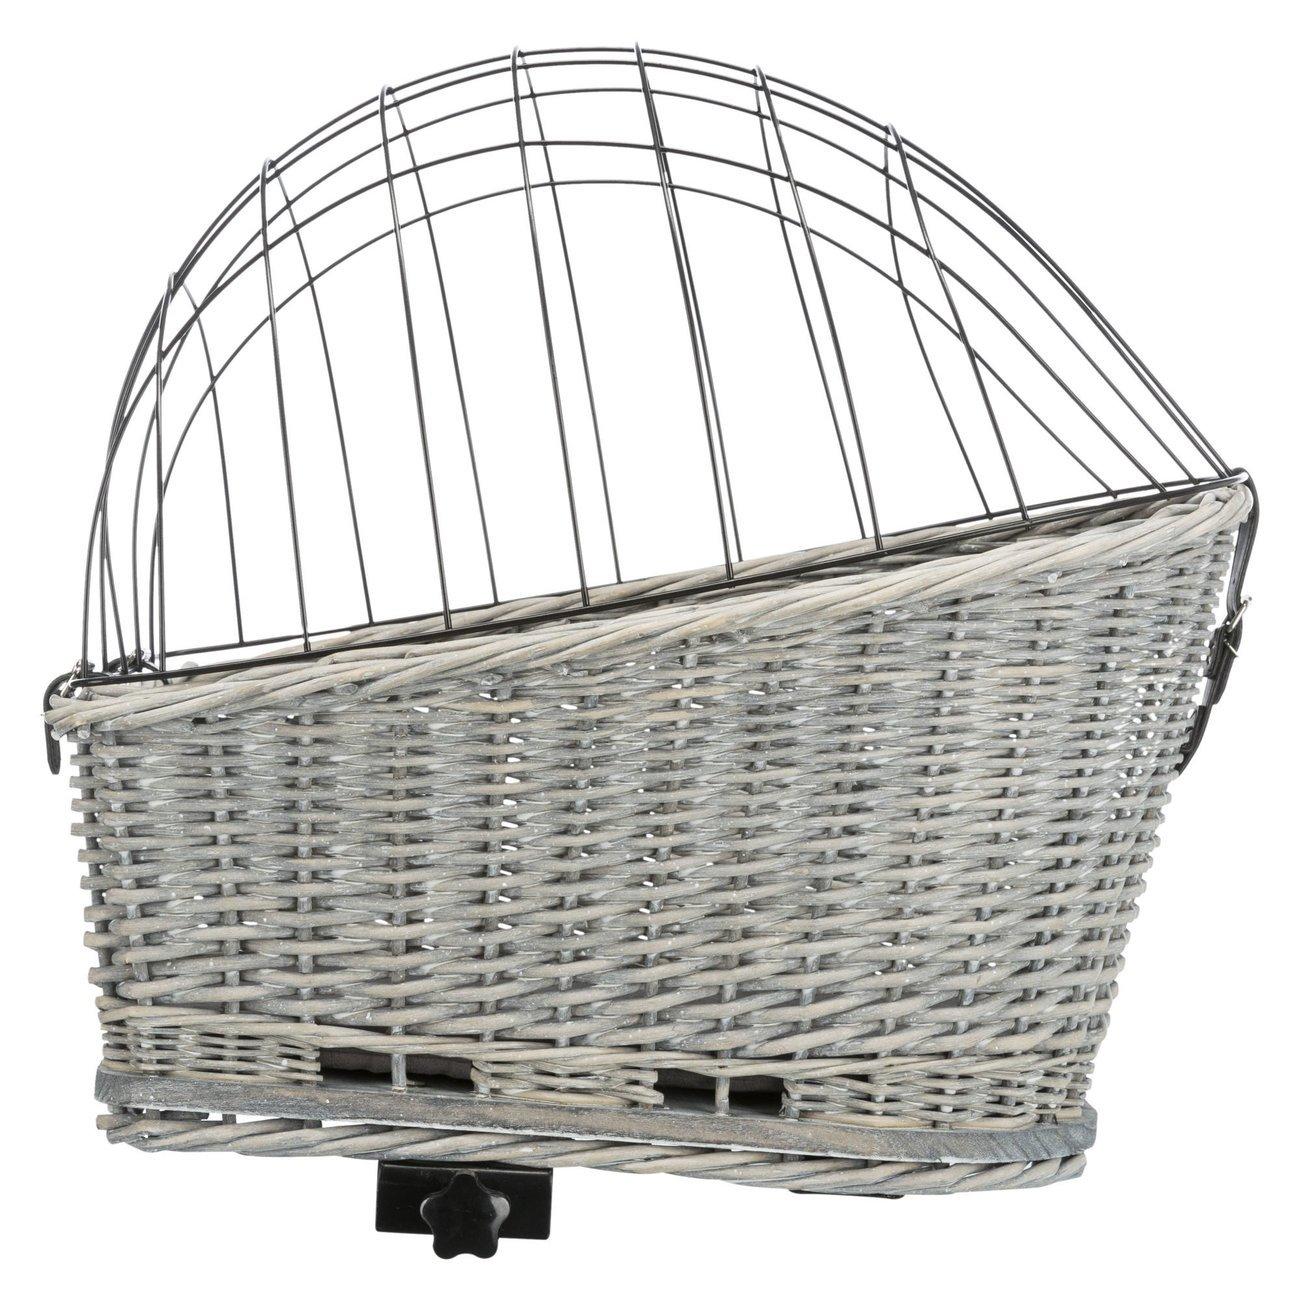 Trixie Fahrradkorb für Gepäckträger, Breite 35 × Höhe 49 × Länge 55 cm, grau